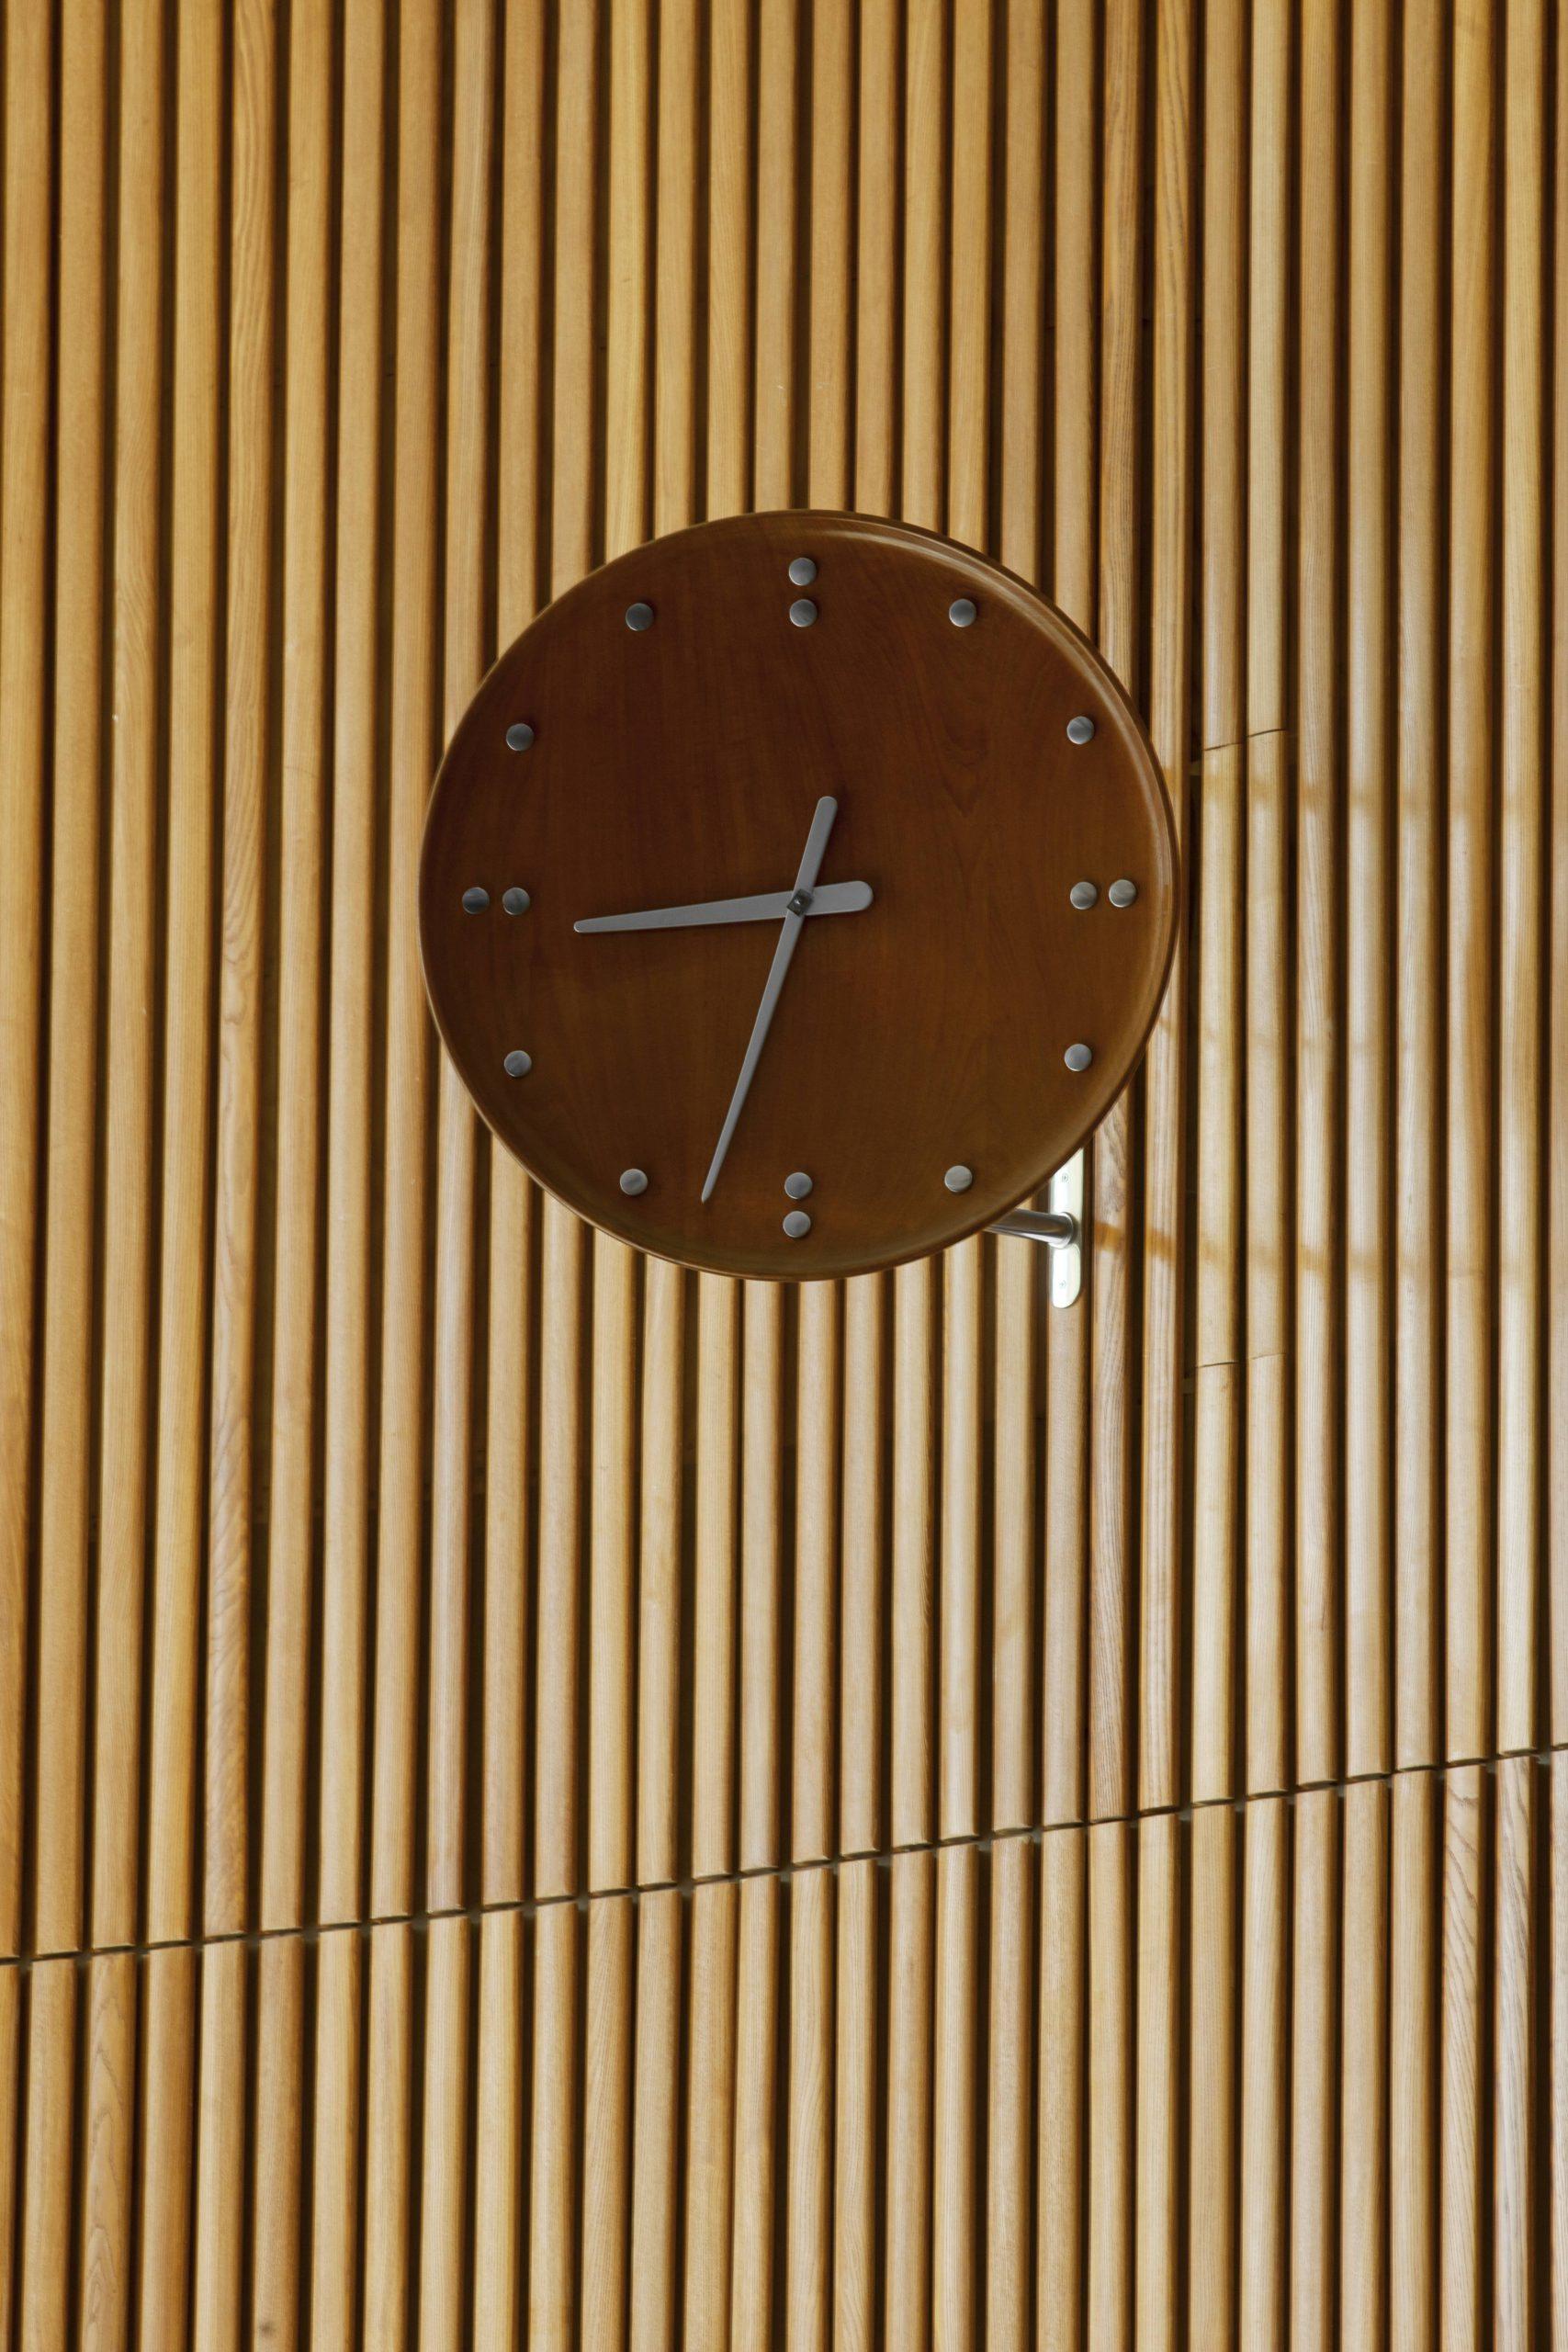 Architectmade-FJ-Clock-35-Wall-Teak-Finn-Juhl-2